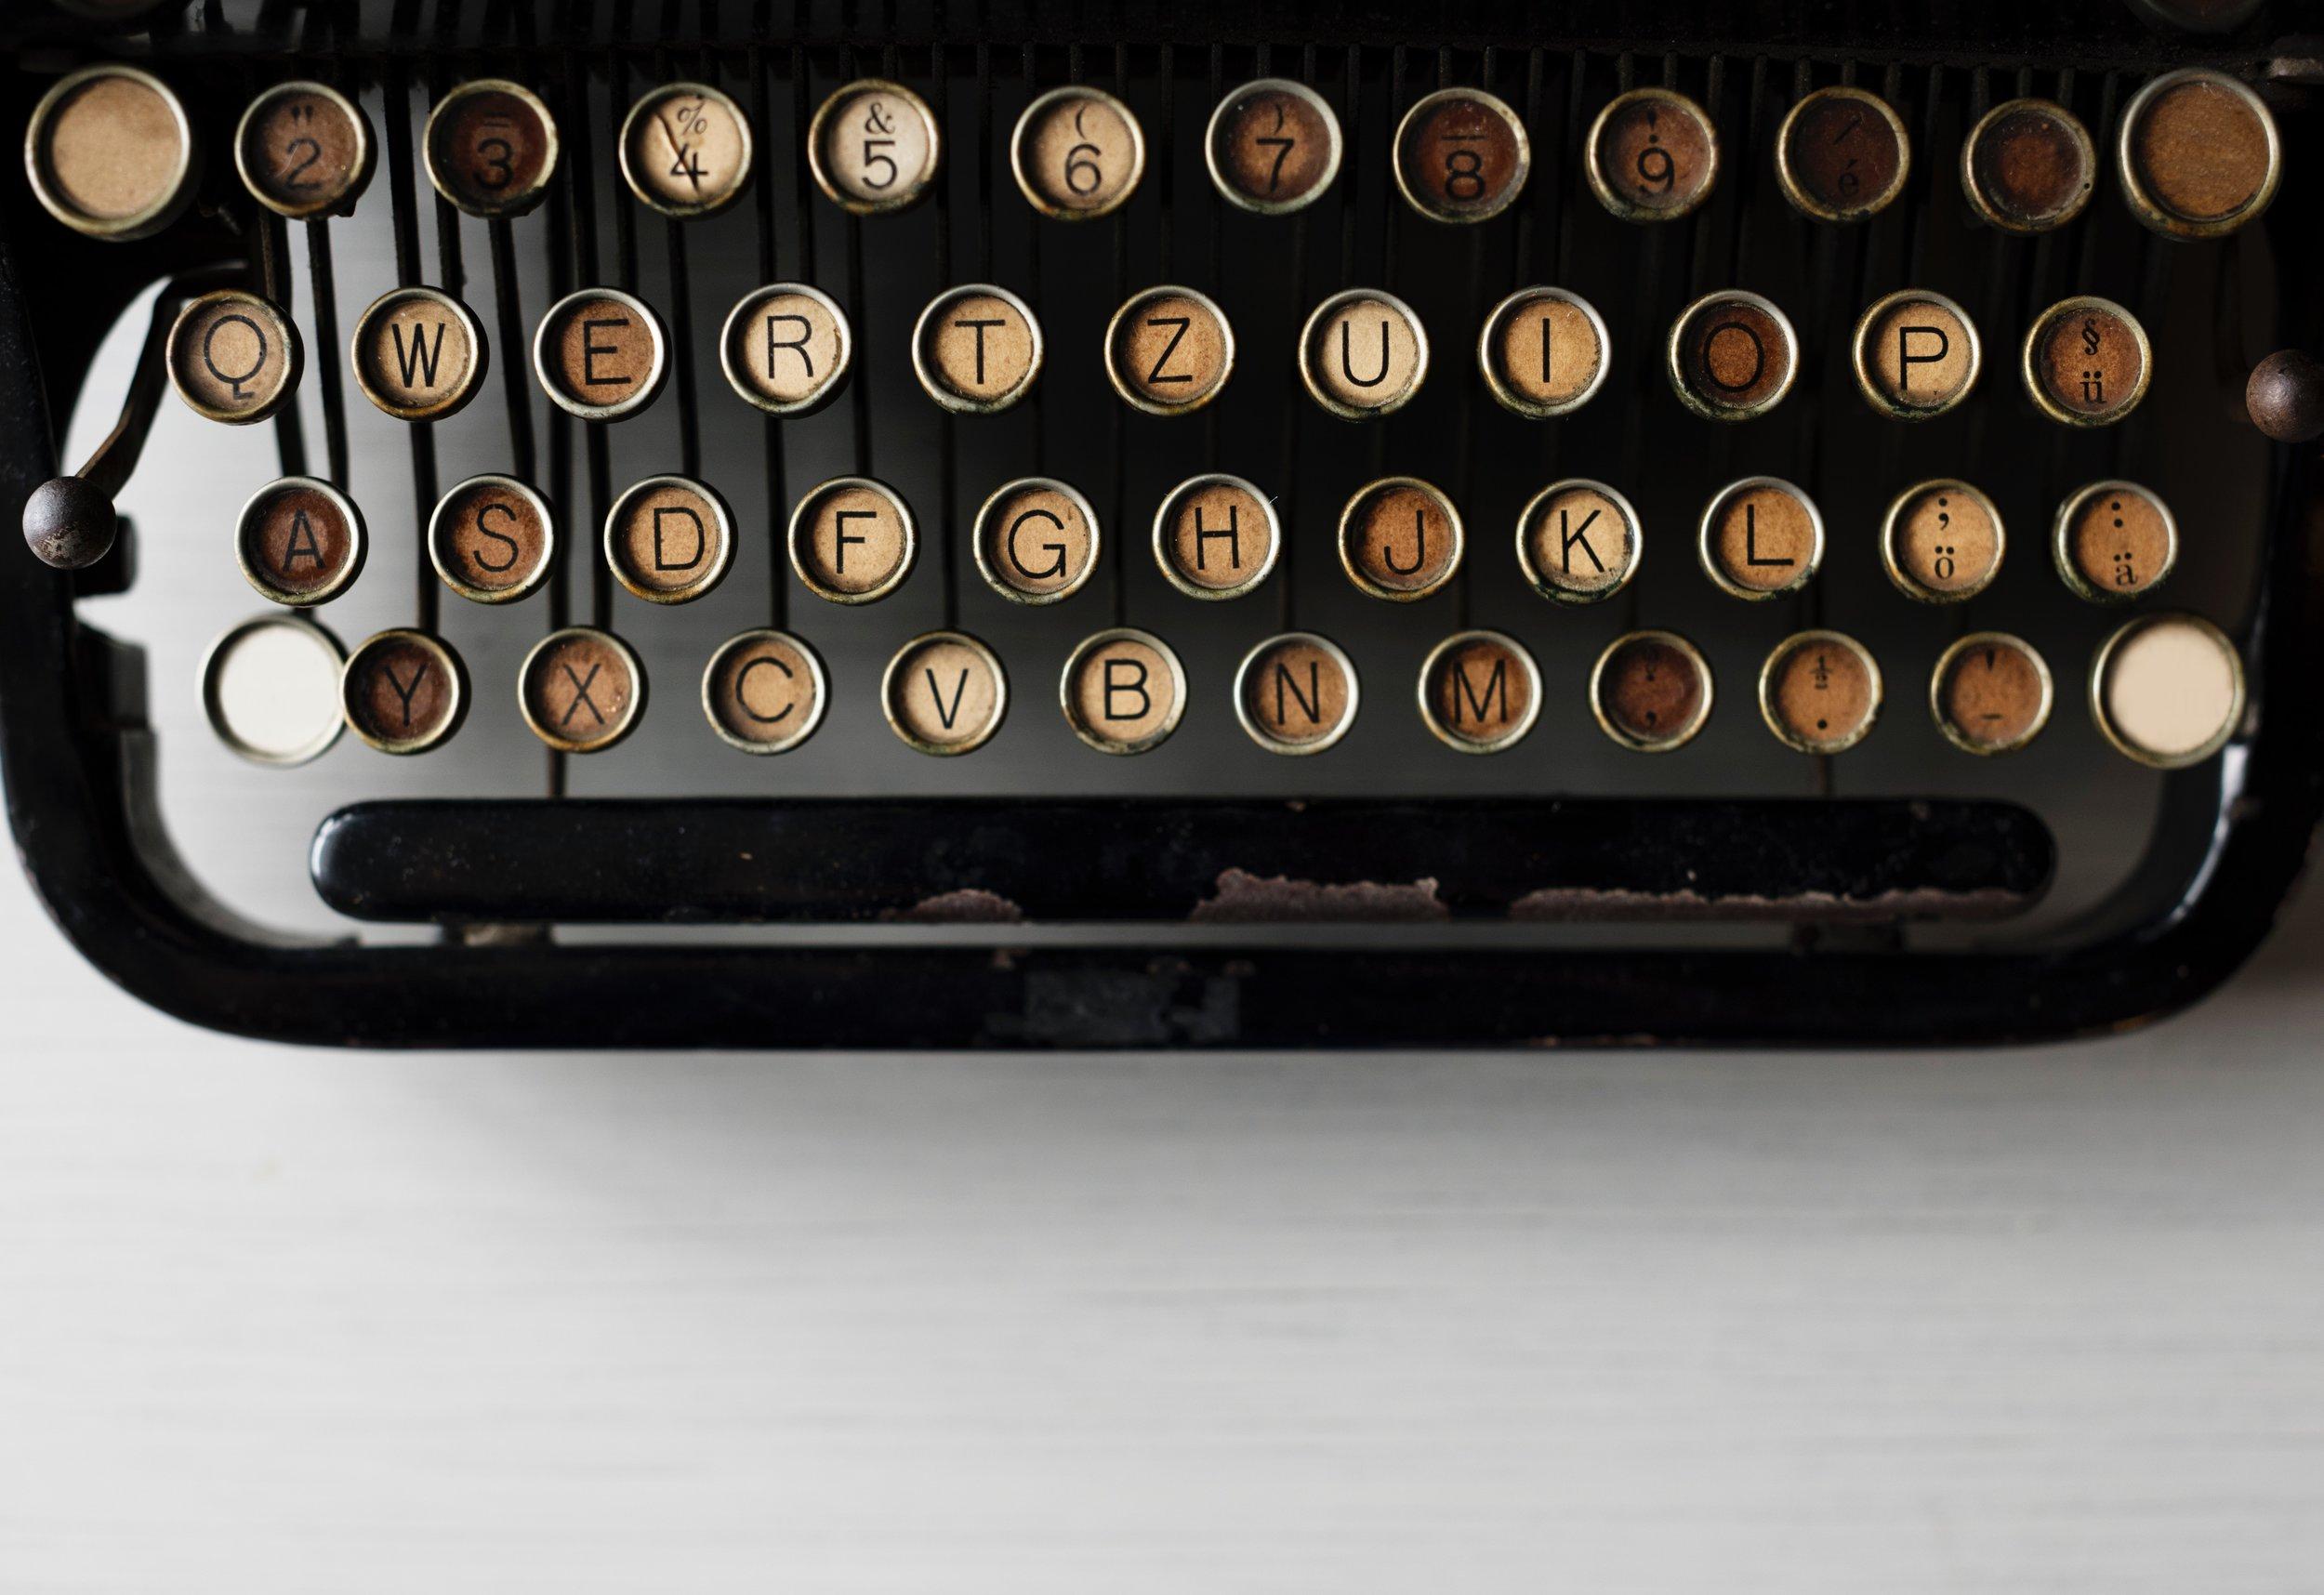 Black and gold typewriter